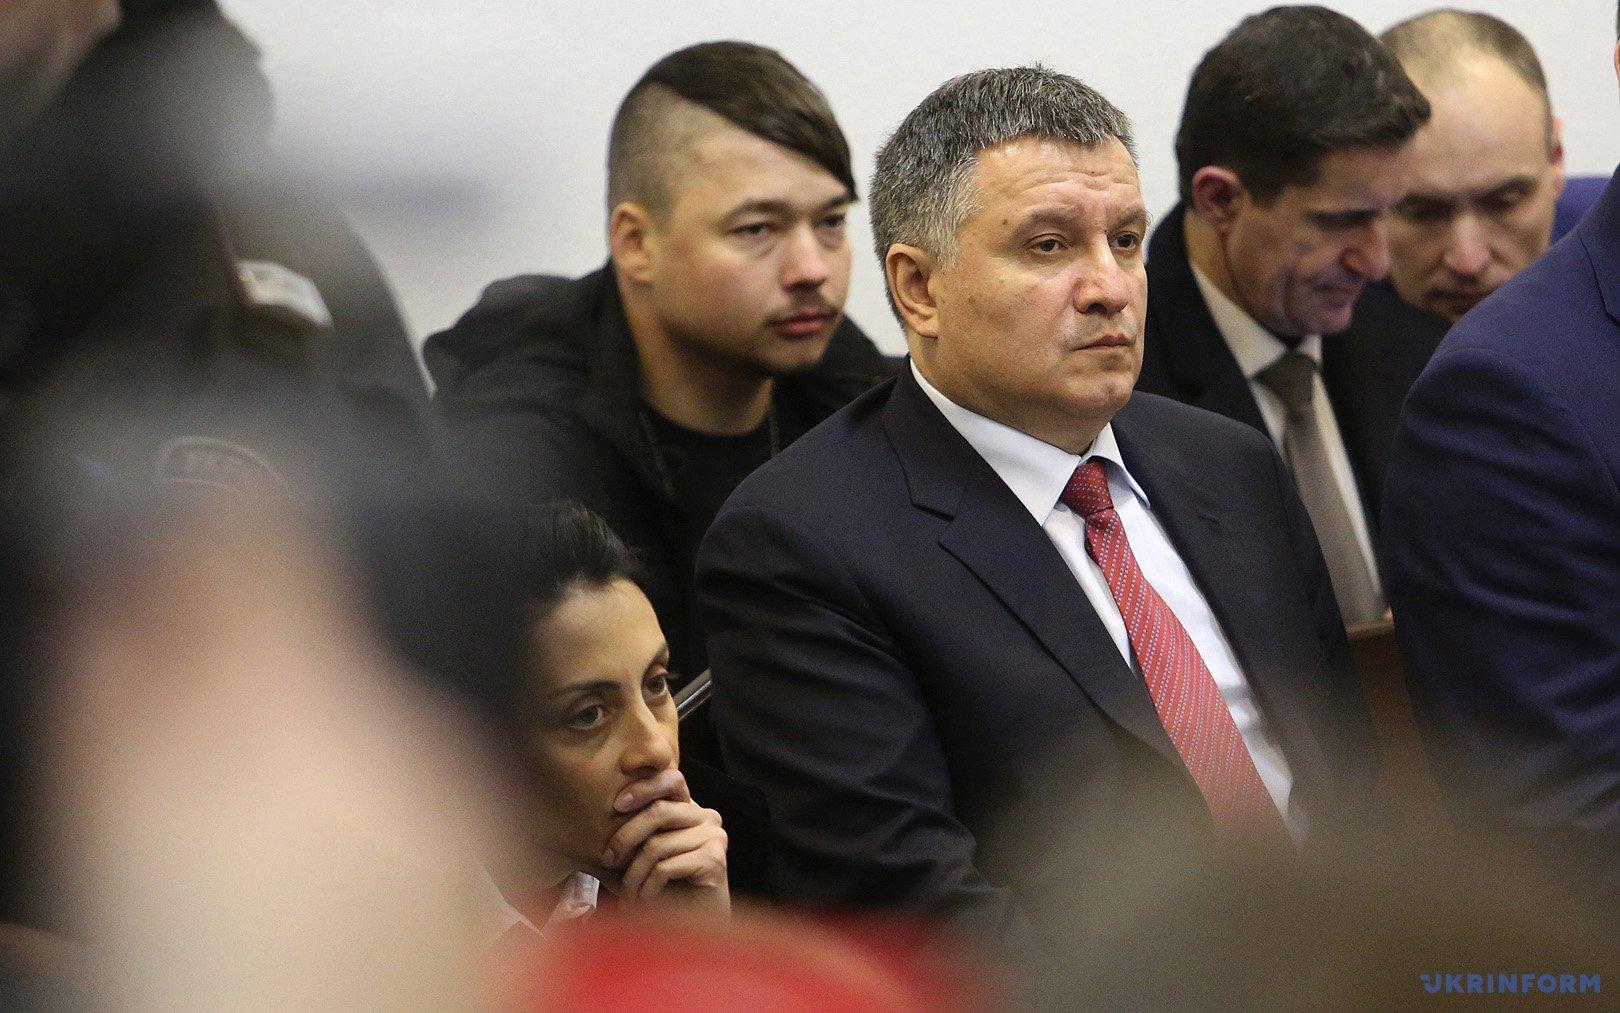 Хатия Деканоидзе и Арсен Аваков во время заседания Апелляционного суда Киева по делу патрульного Нацполиции Сергея Олейника